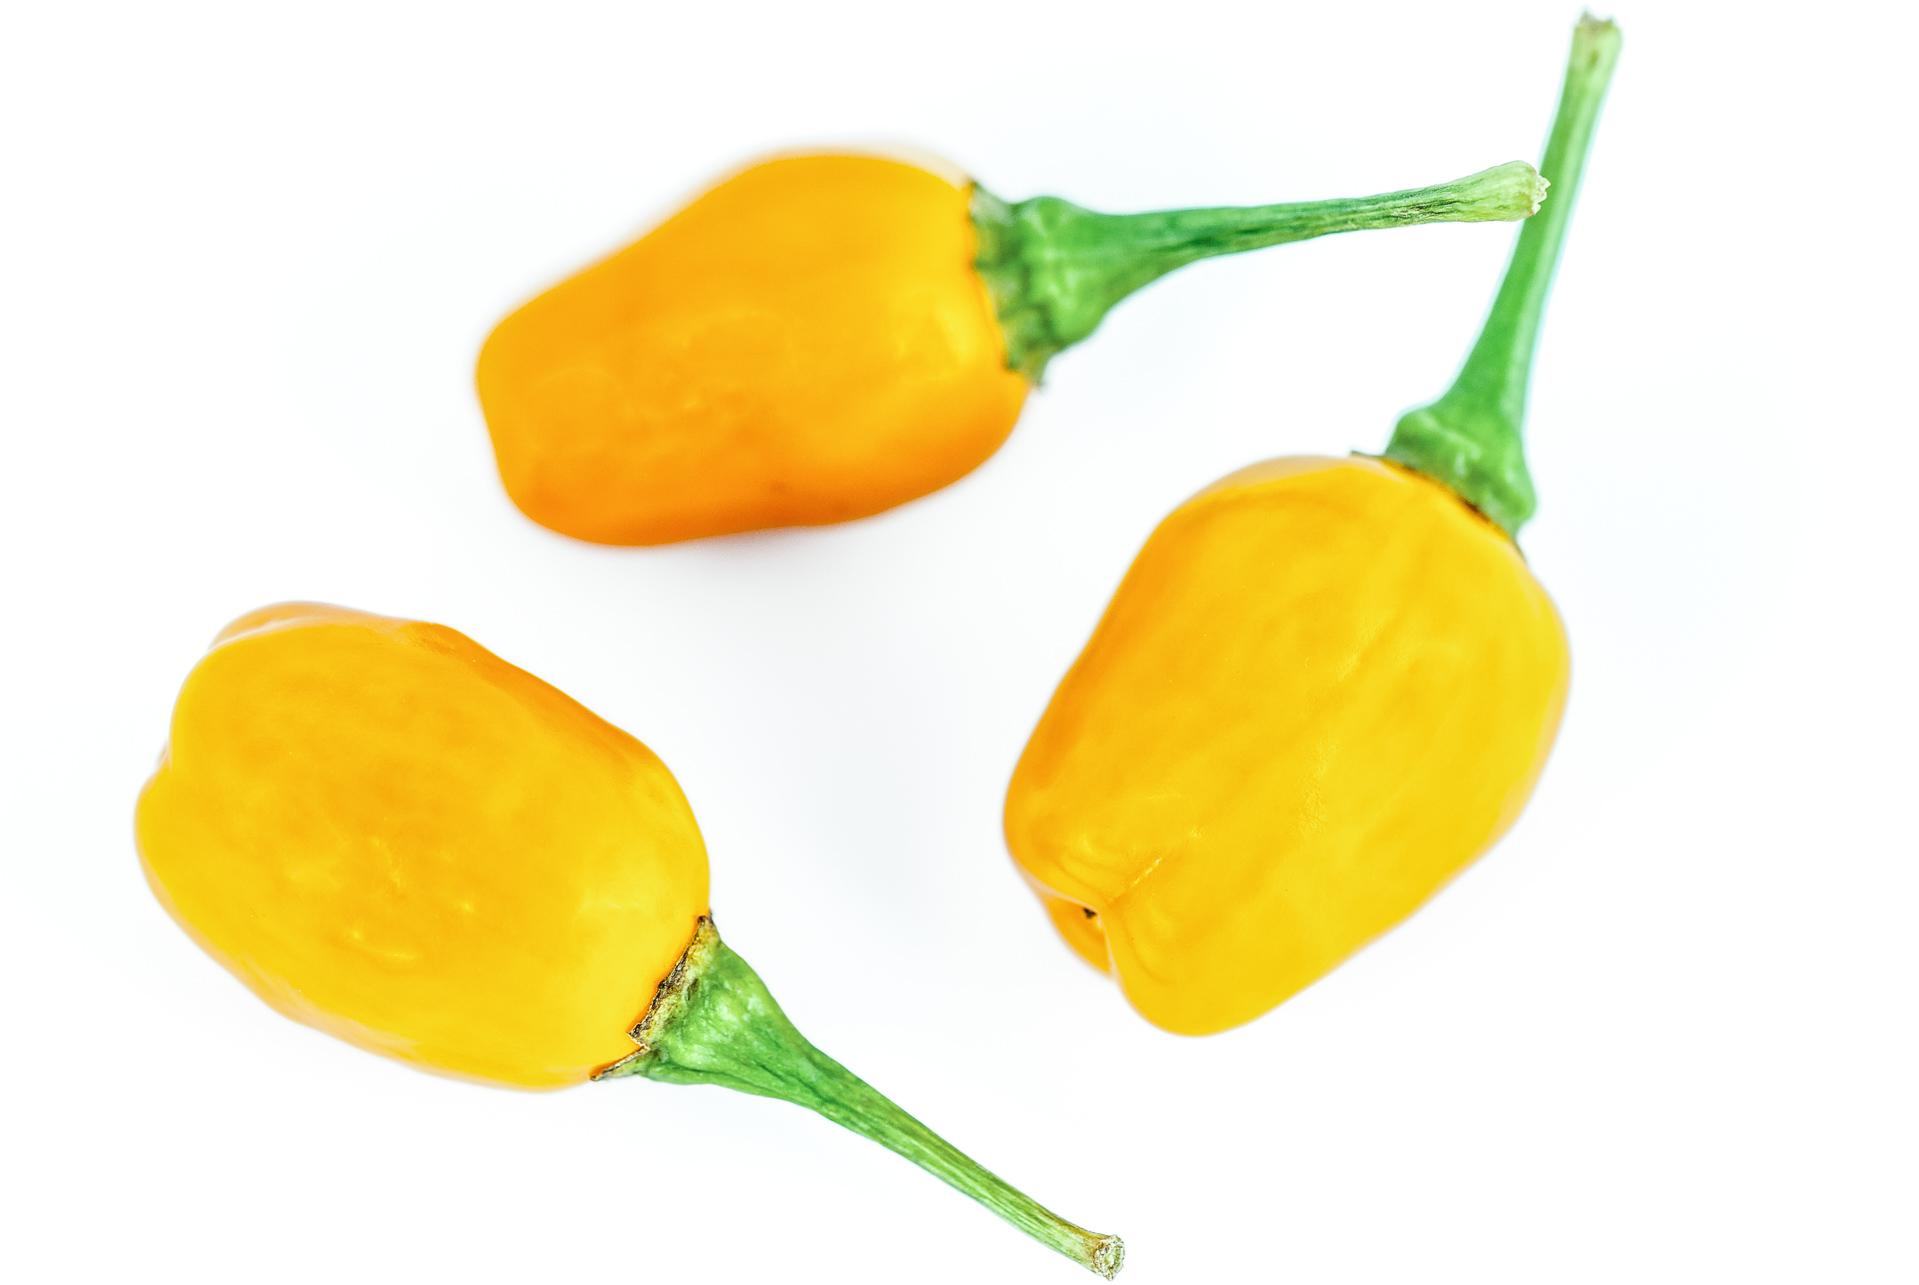 Dulce Larga - Capsicum annuum - variedad de chile